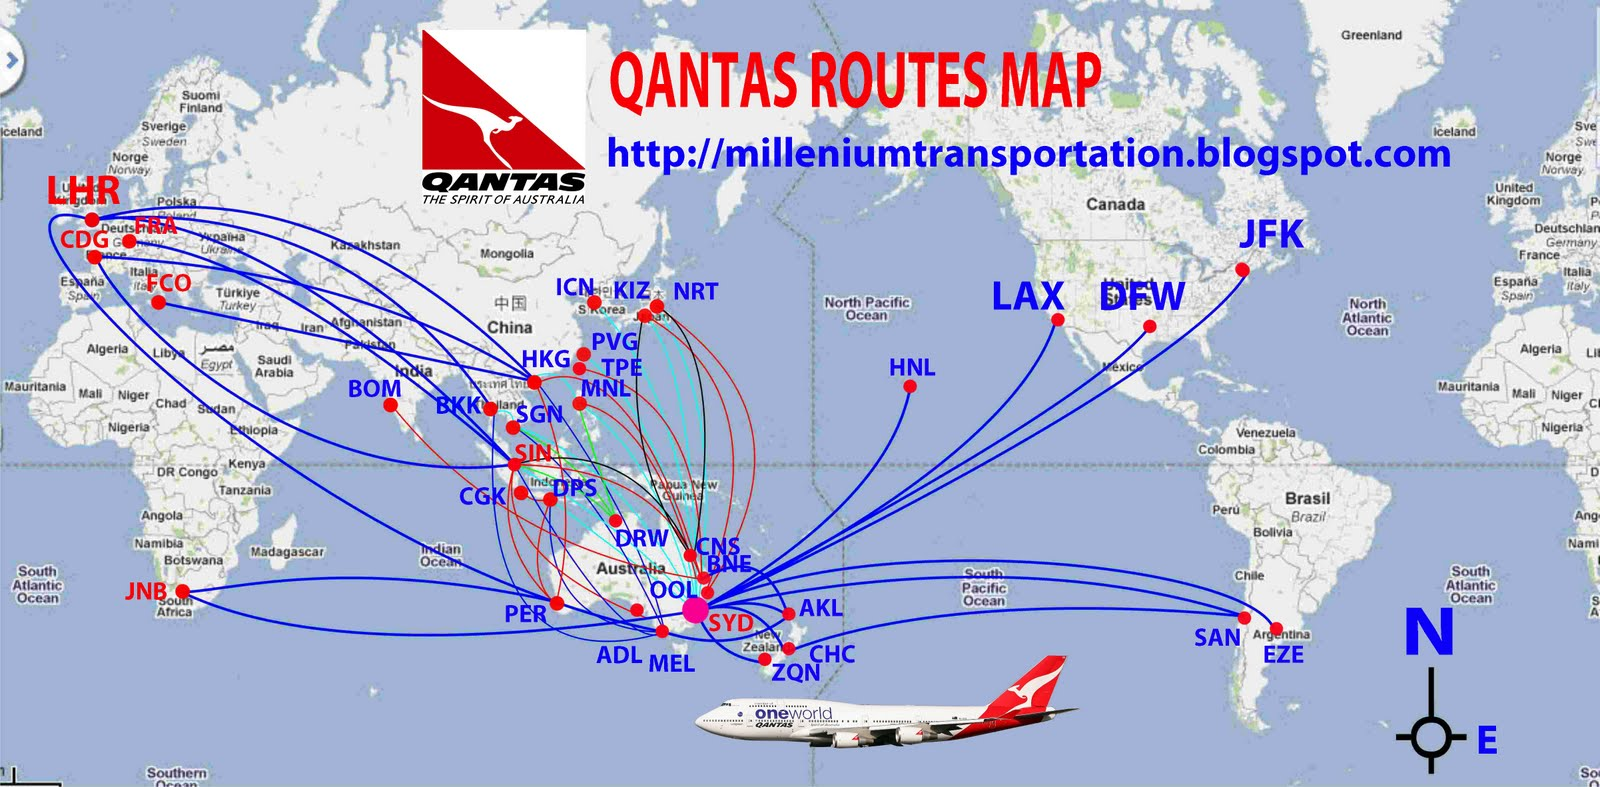 http://1.bp.blogspot.com/-wIs-MQayDcI/Ti1XsJqCuqI/AAAAAAAAAdo/rV5y-0Iflzo/s1600/Qantas%20routes%20map.jpg